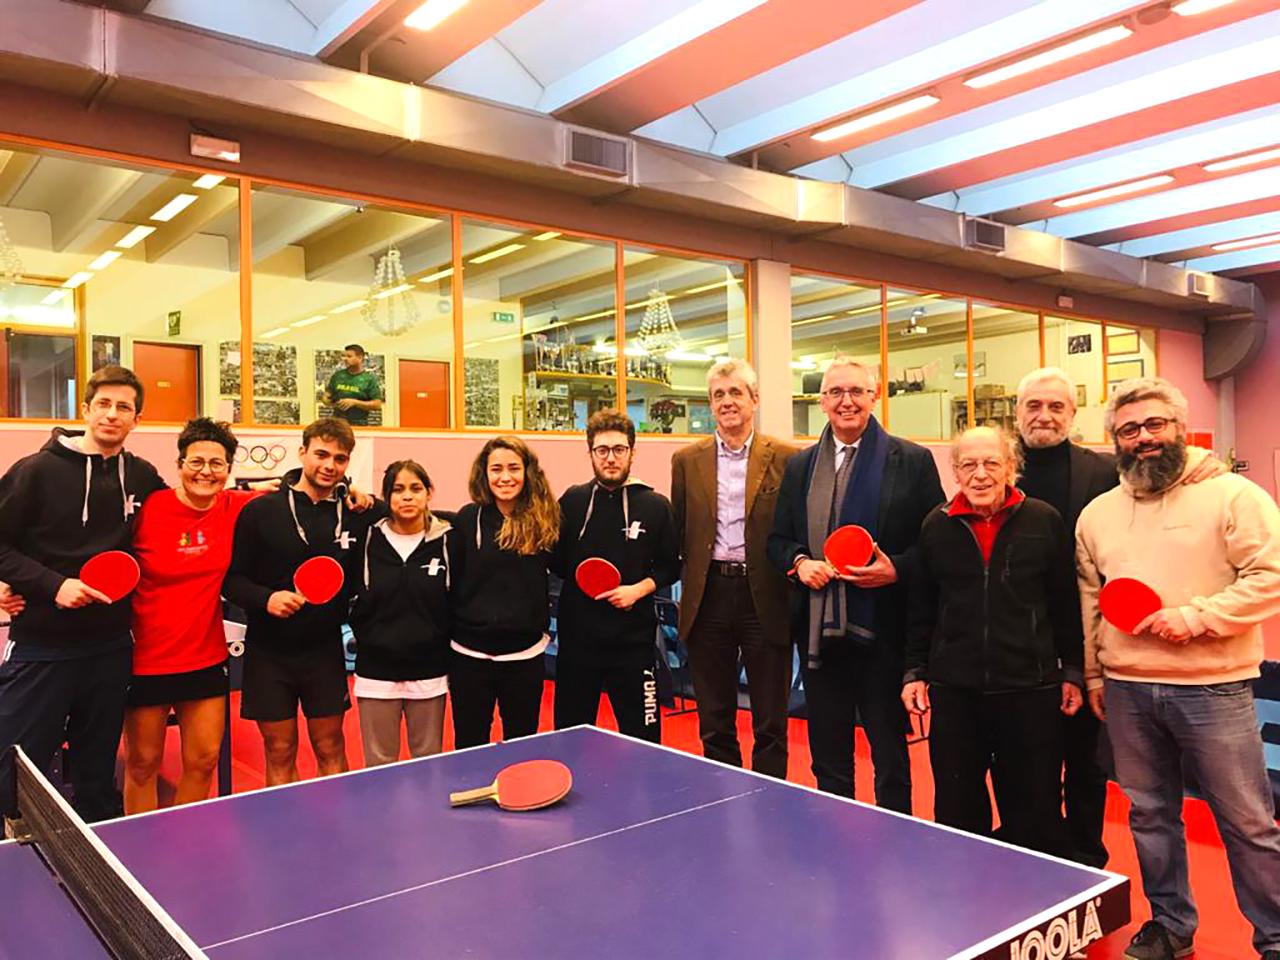 Foto di gruppo con il governatore Luca Ceriscioli e il presidente onorario Coni Marche Fabio Sturani